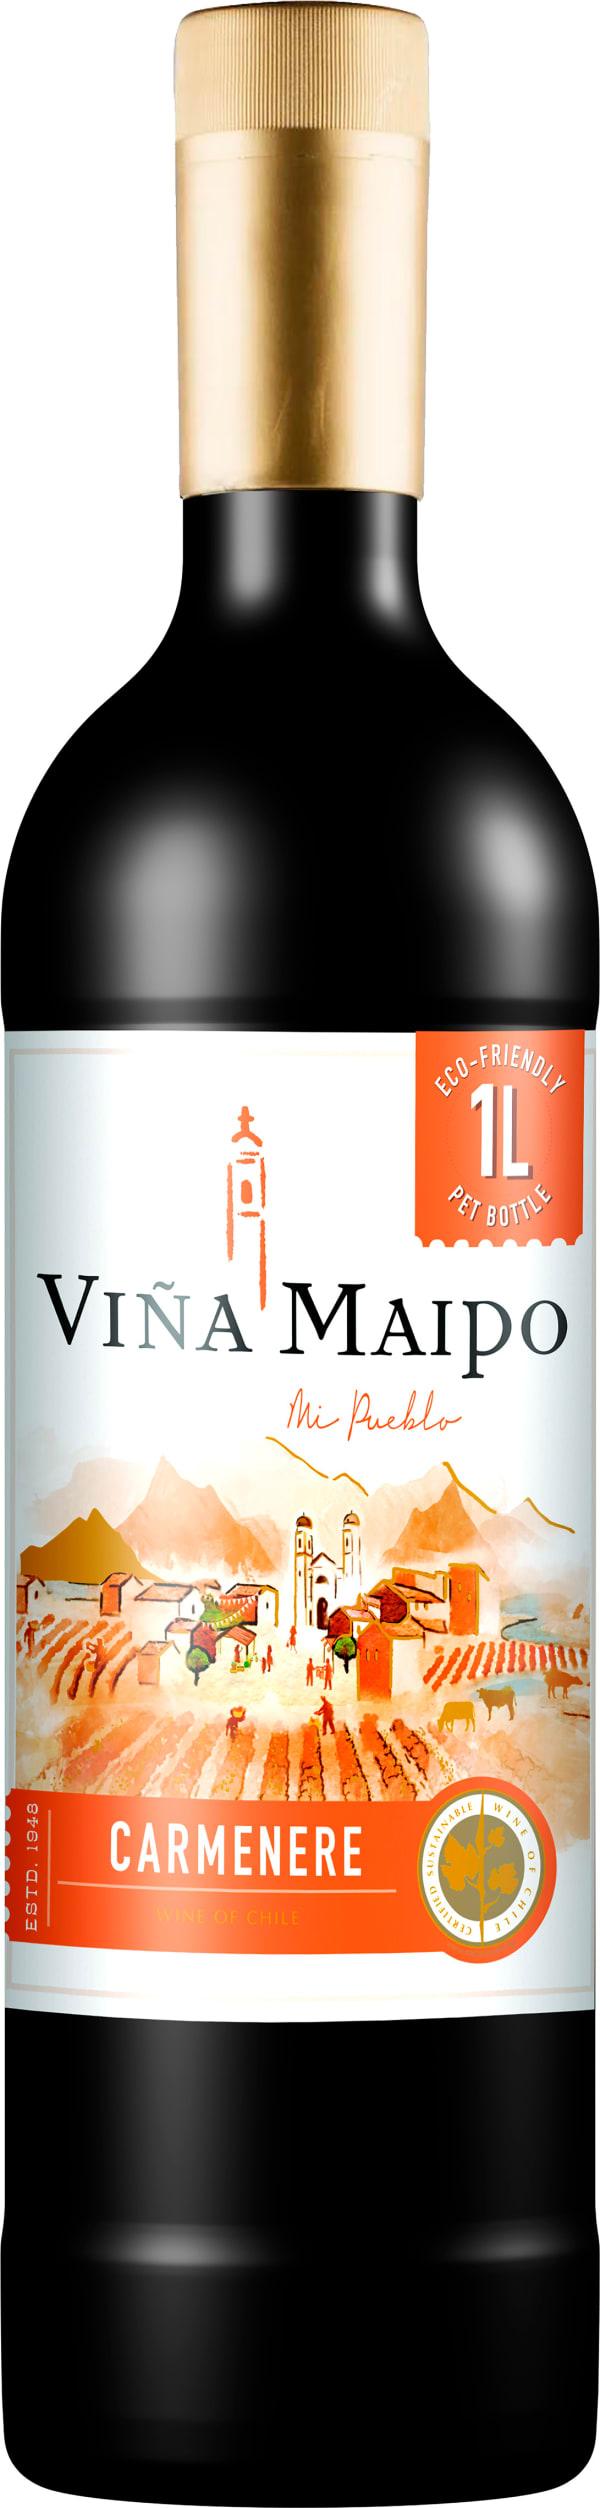 Viña Maipo Mi Pueblo Carmenere 2020 plastflaska